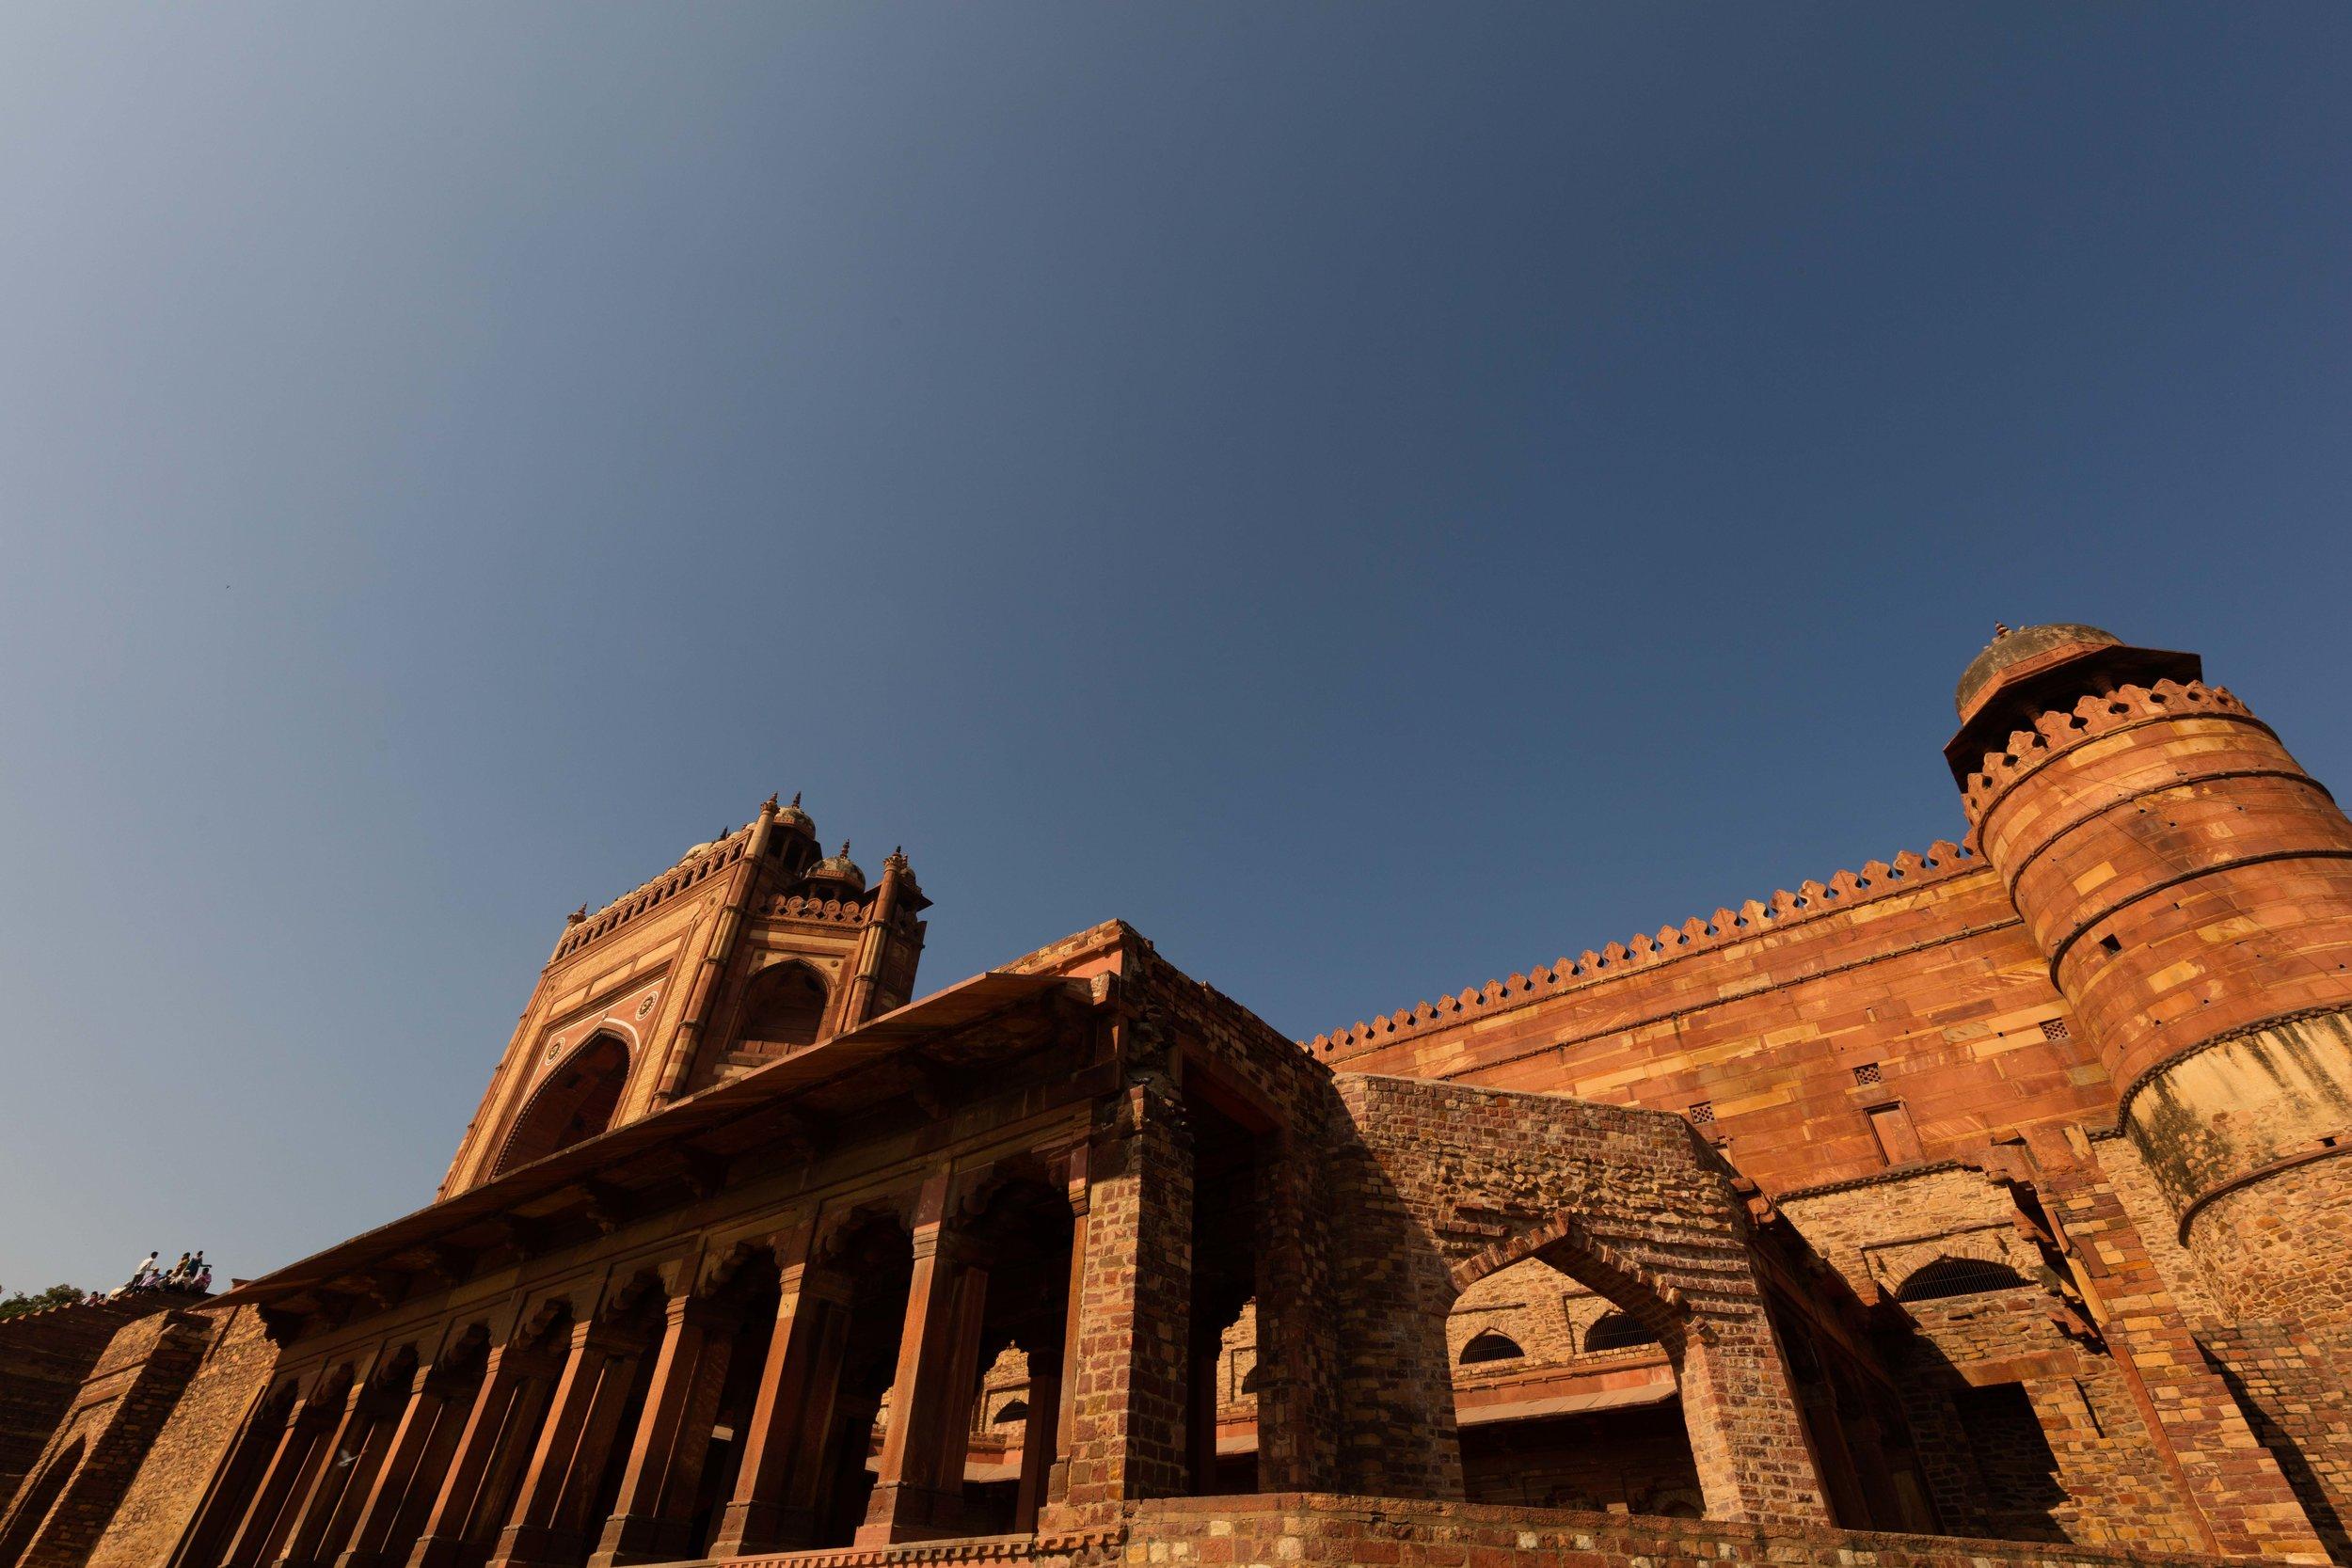 Buland Darwaza, Fatehpur Sikri